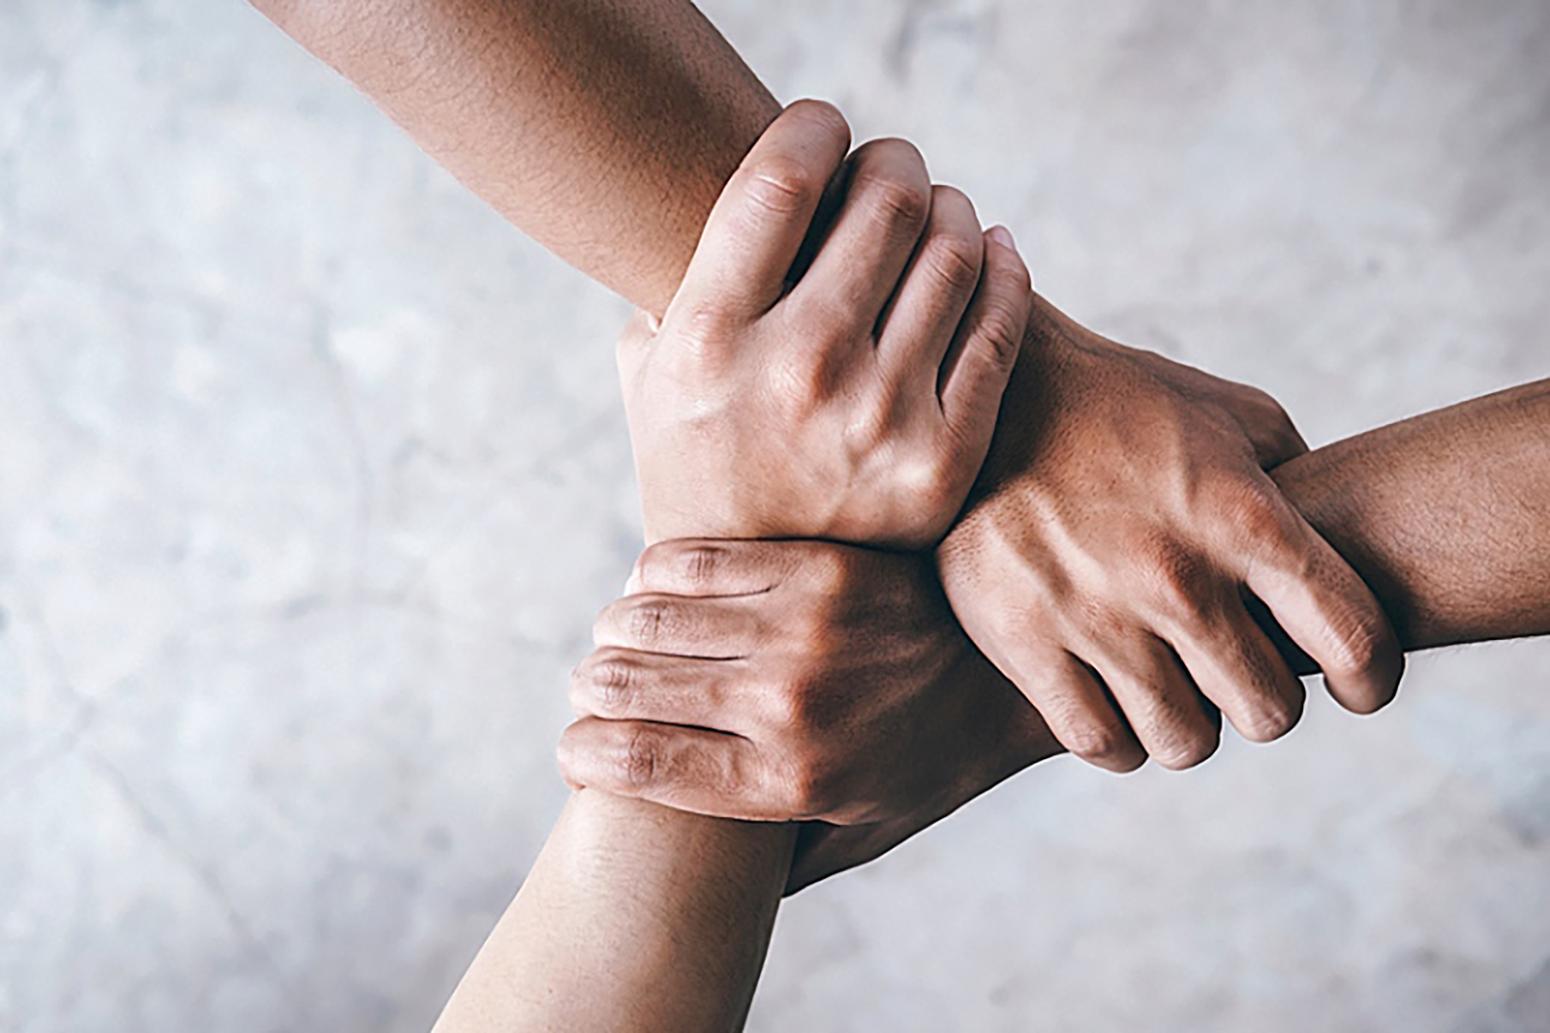 کمک مؤمنانه کارکنان شرکت سیناریل پارس به آسیب دیدگان ناشی از کرونا در کشور